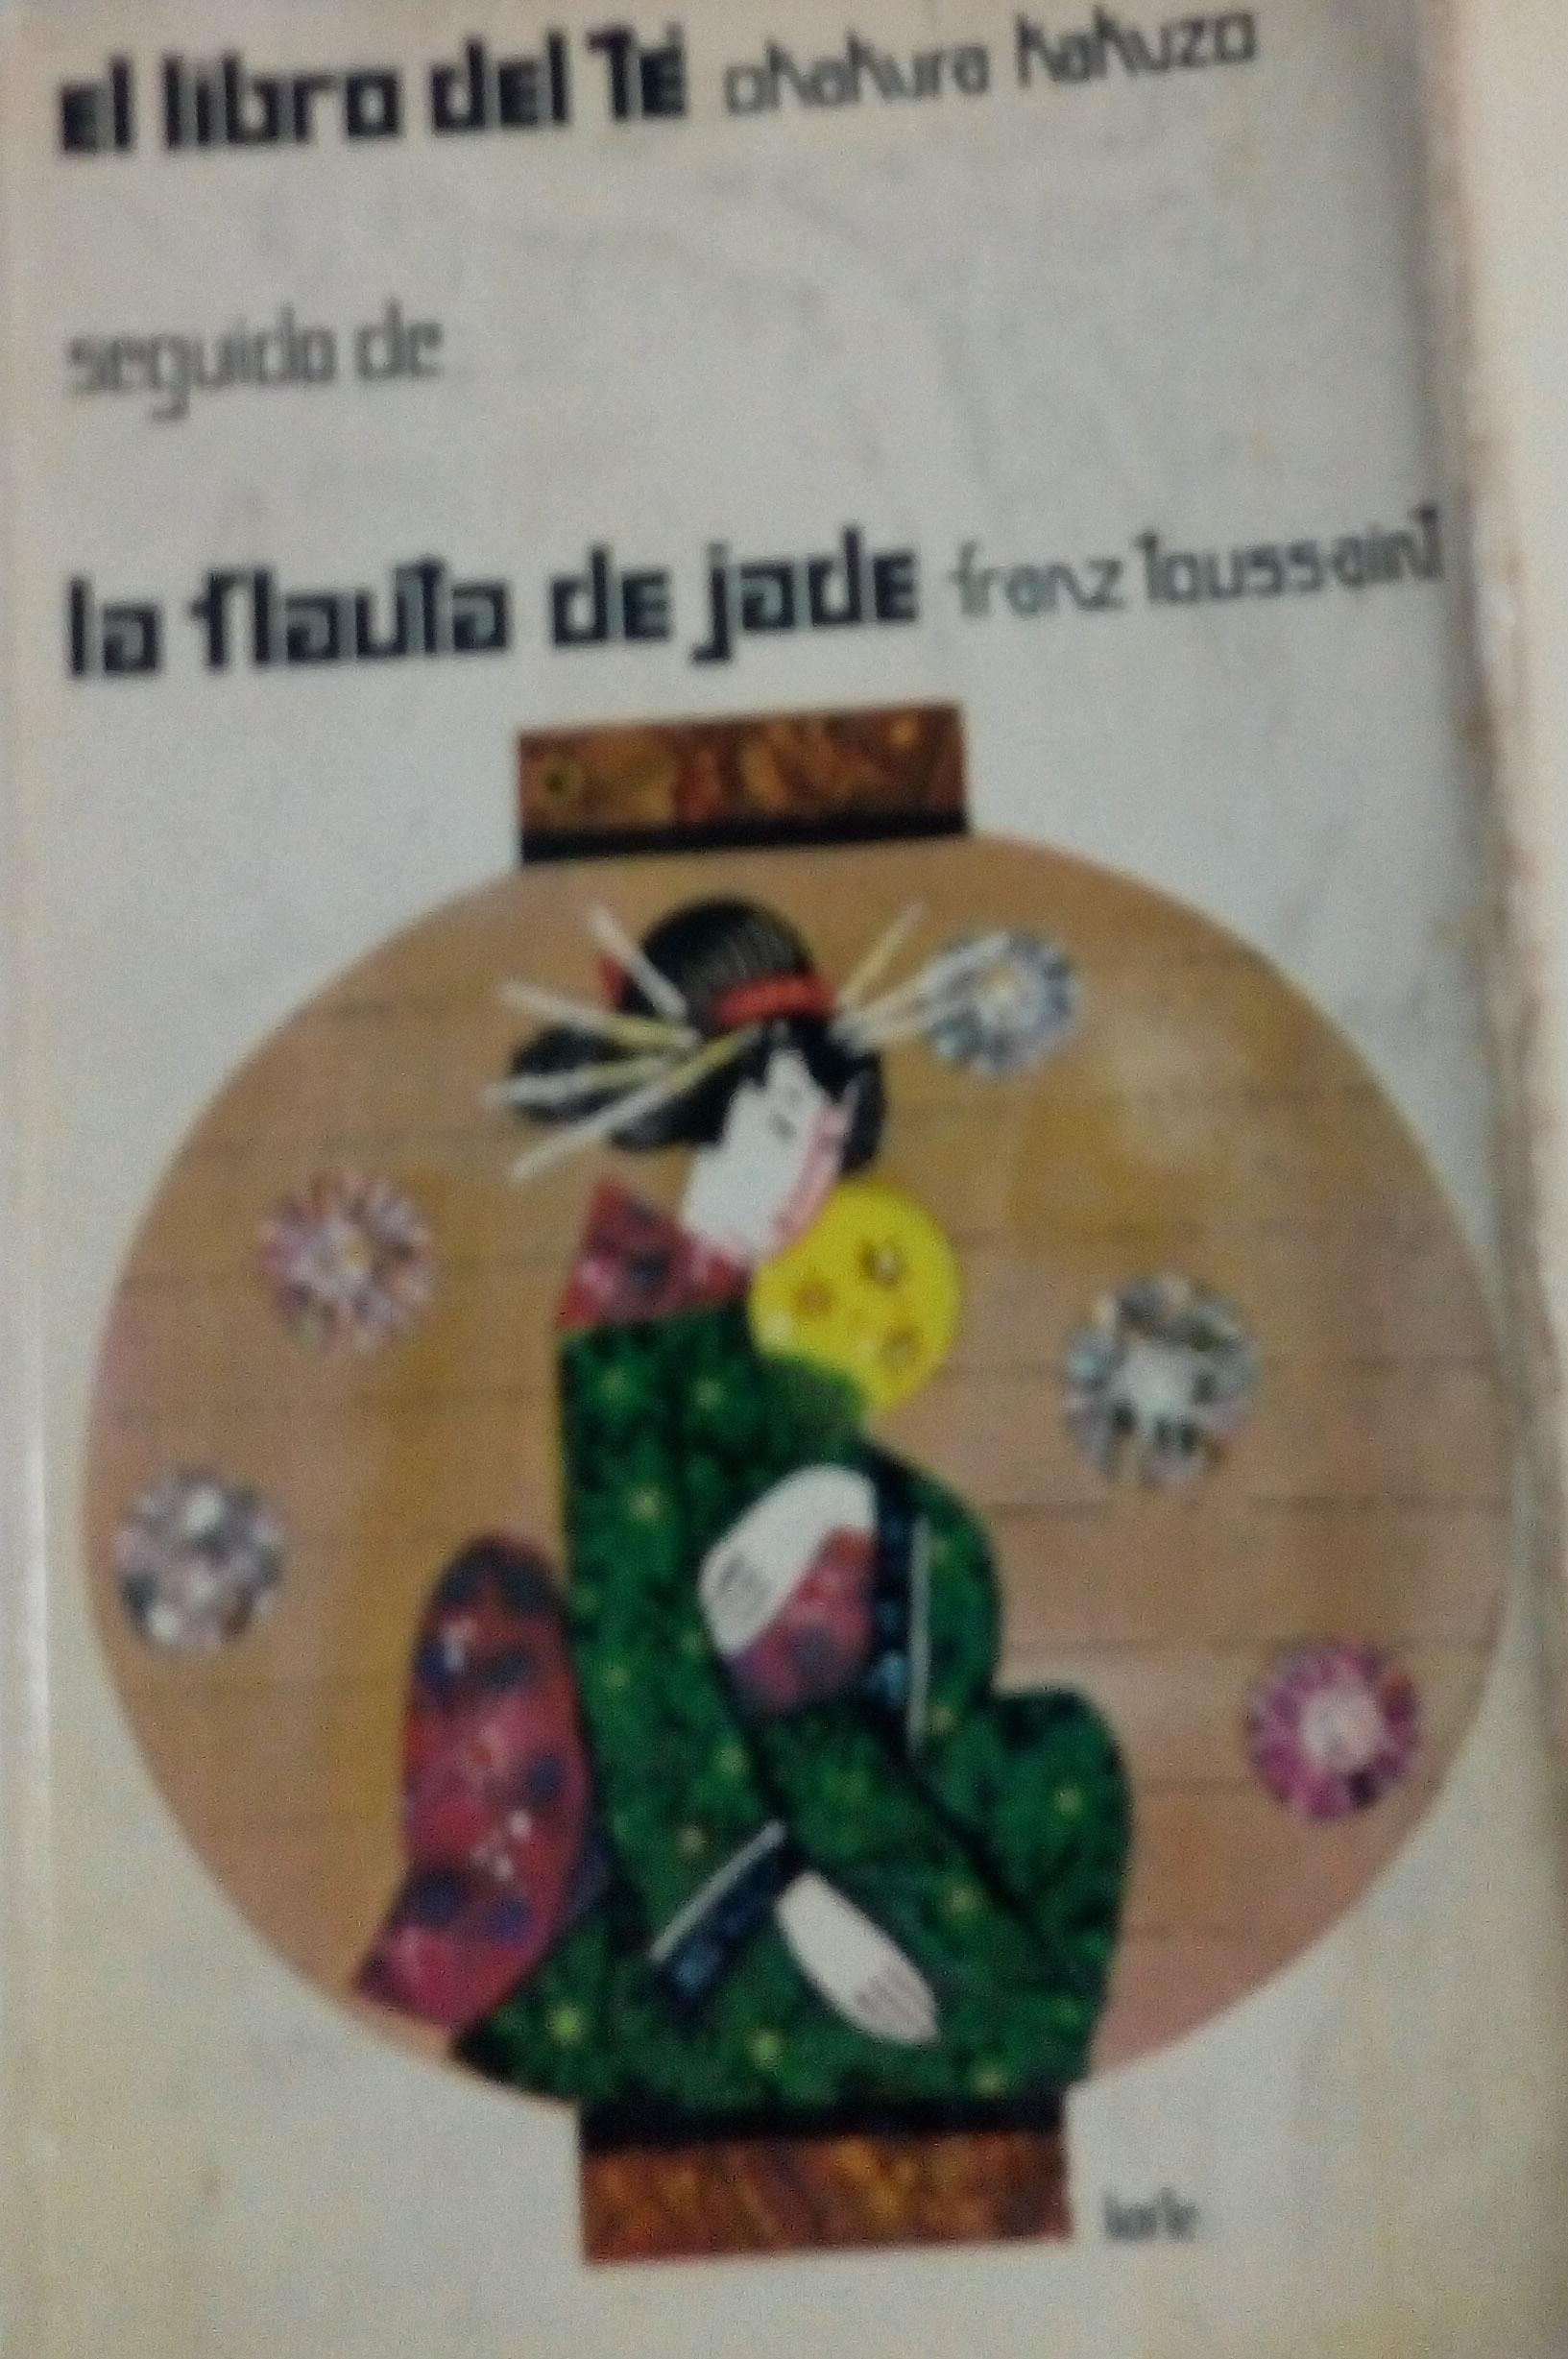 El libro del té. Seguido de La flauta de jade.